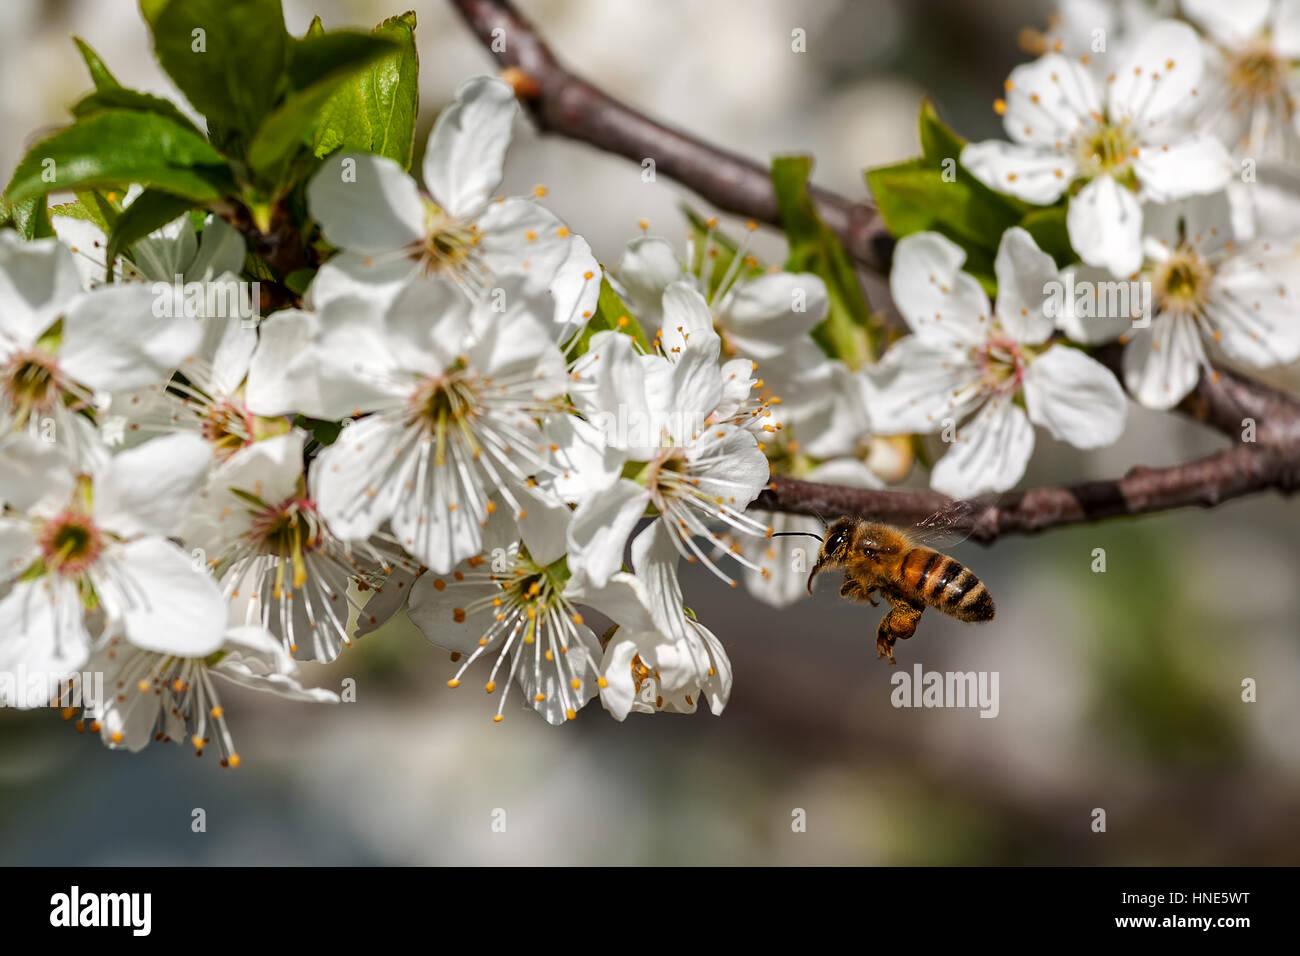 Bee se dirige vers les fleurs blanches sur la floraison des arbres pour recueillir le pollen. Photo Stock